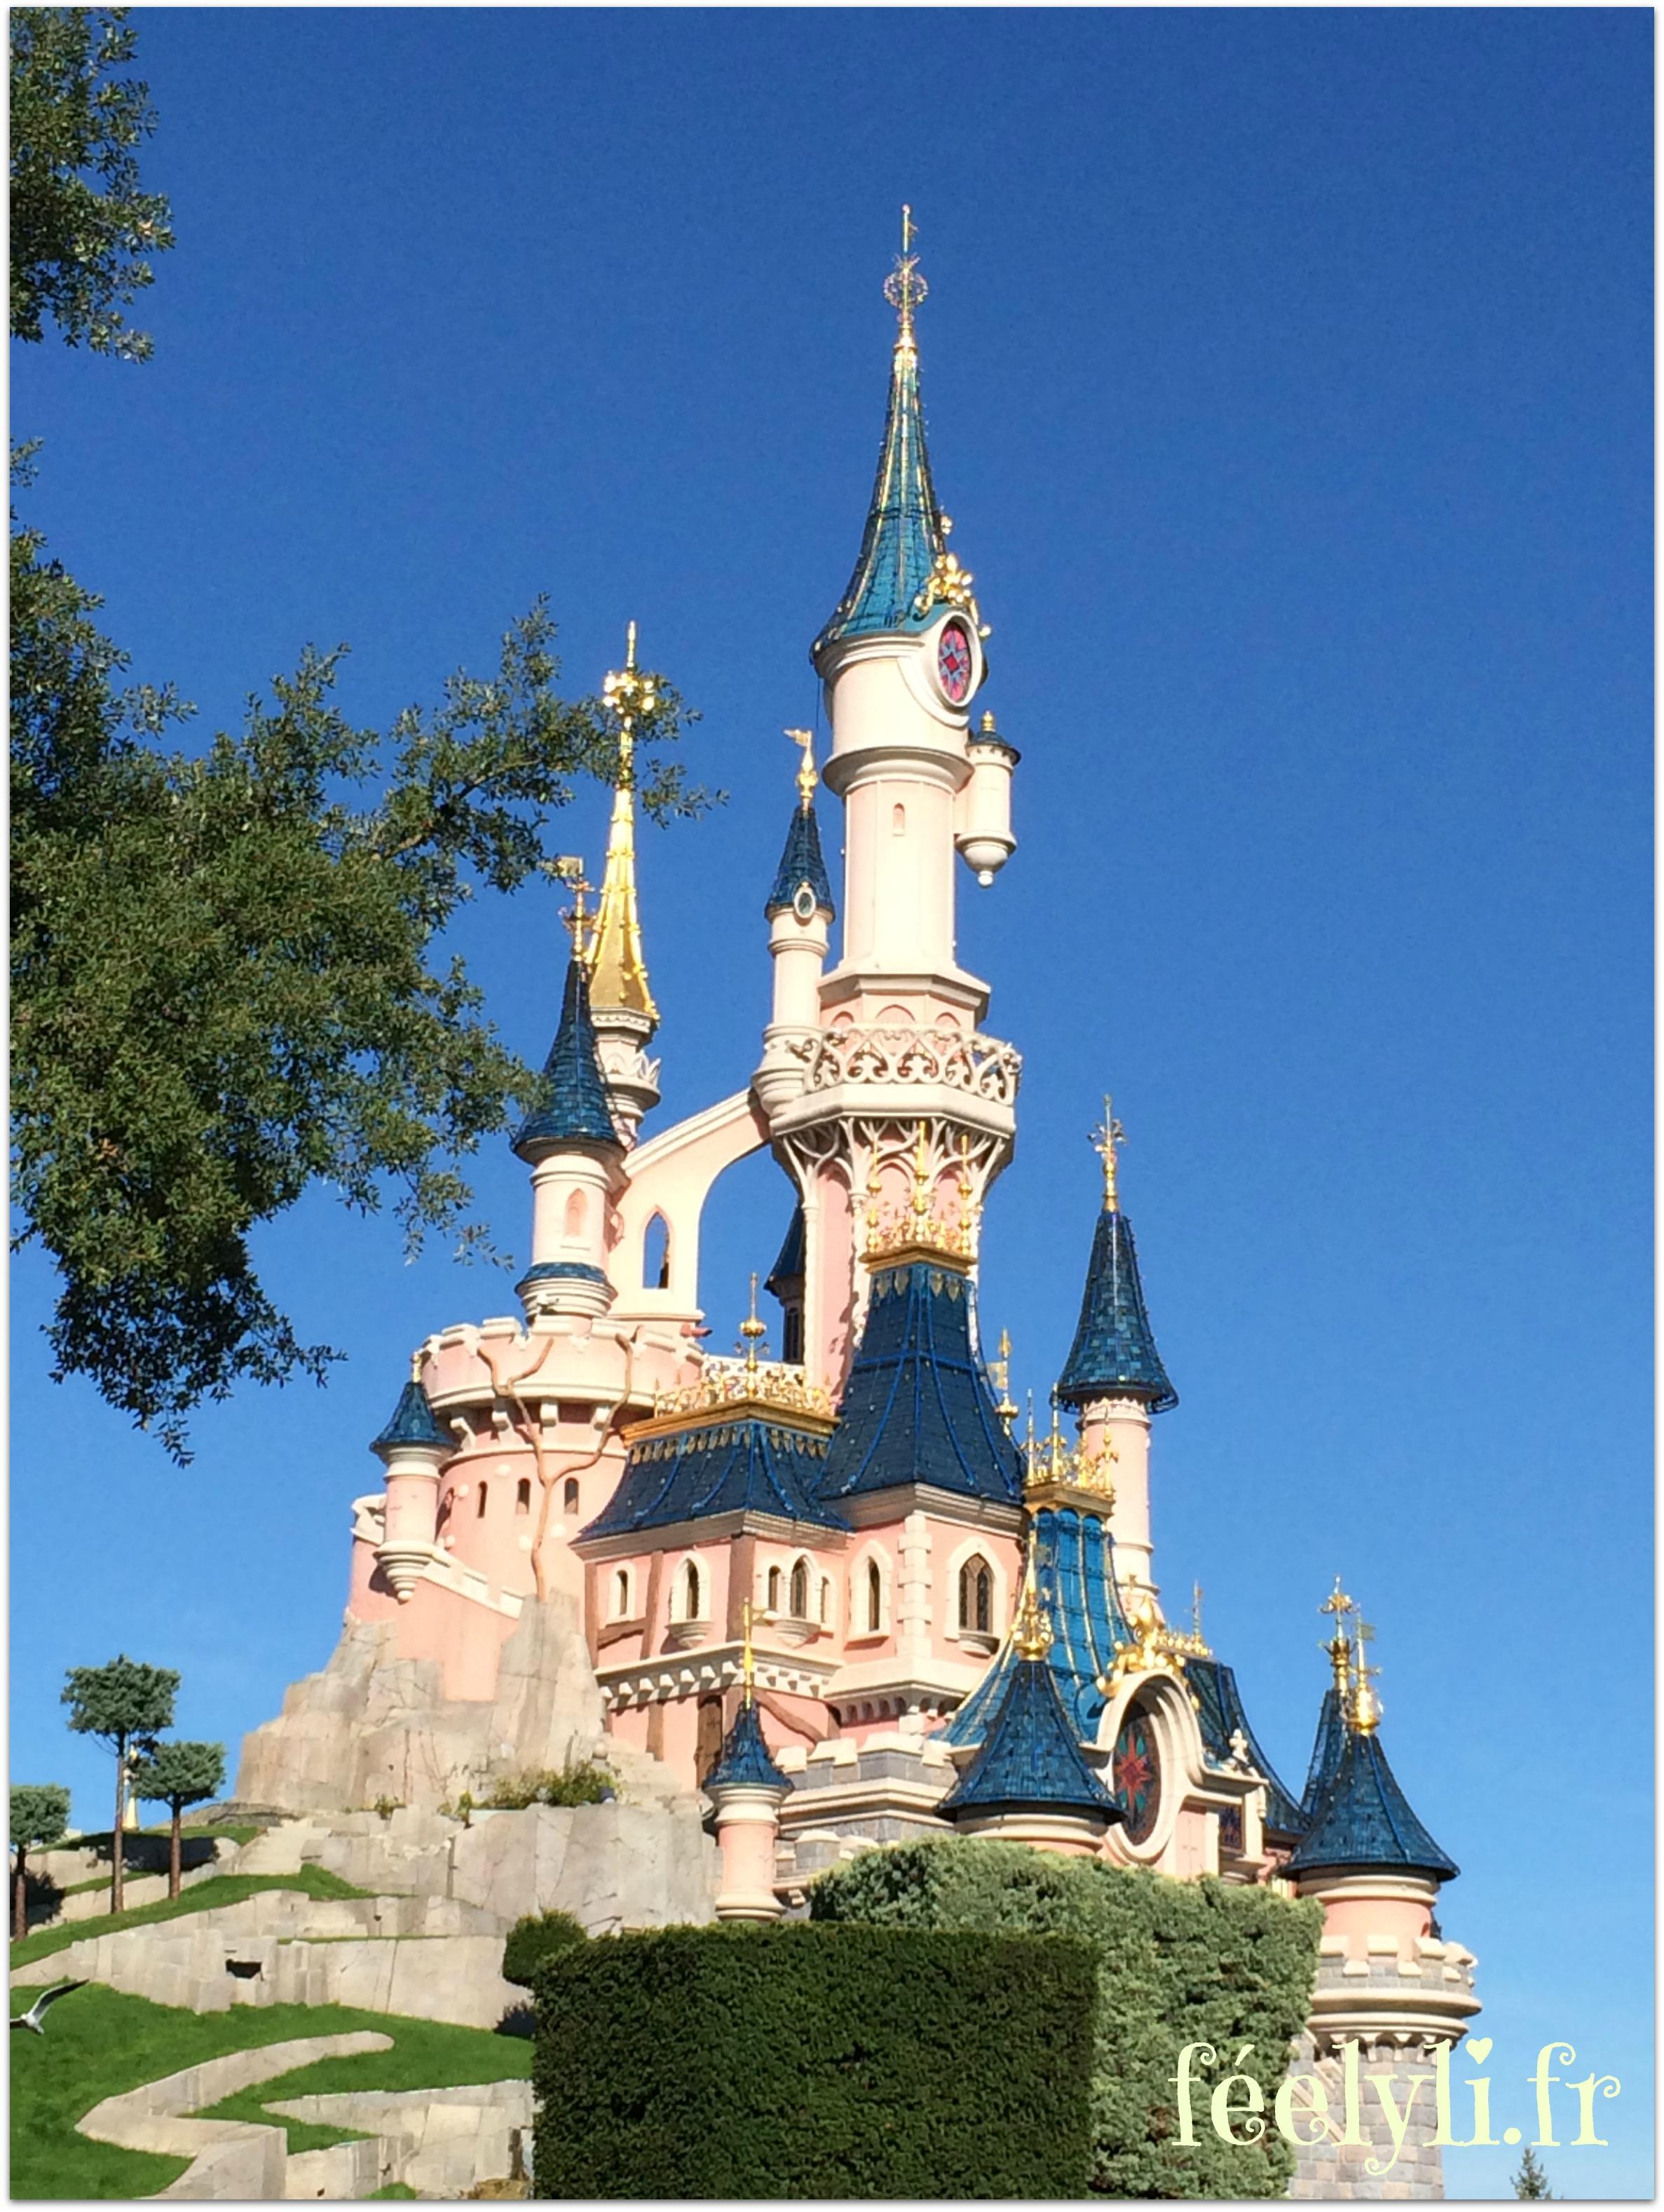 château de la belle au bois dormantt